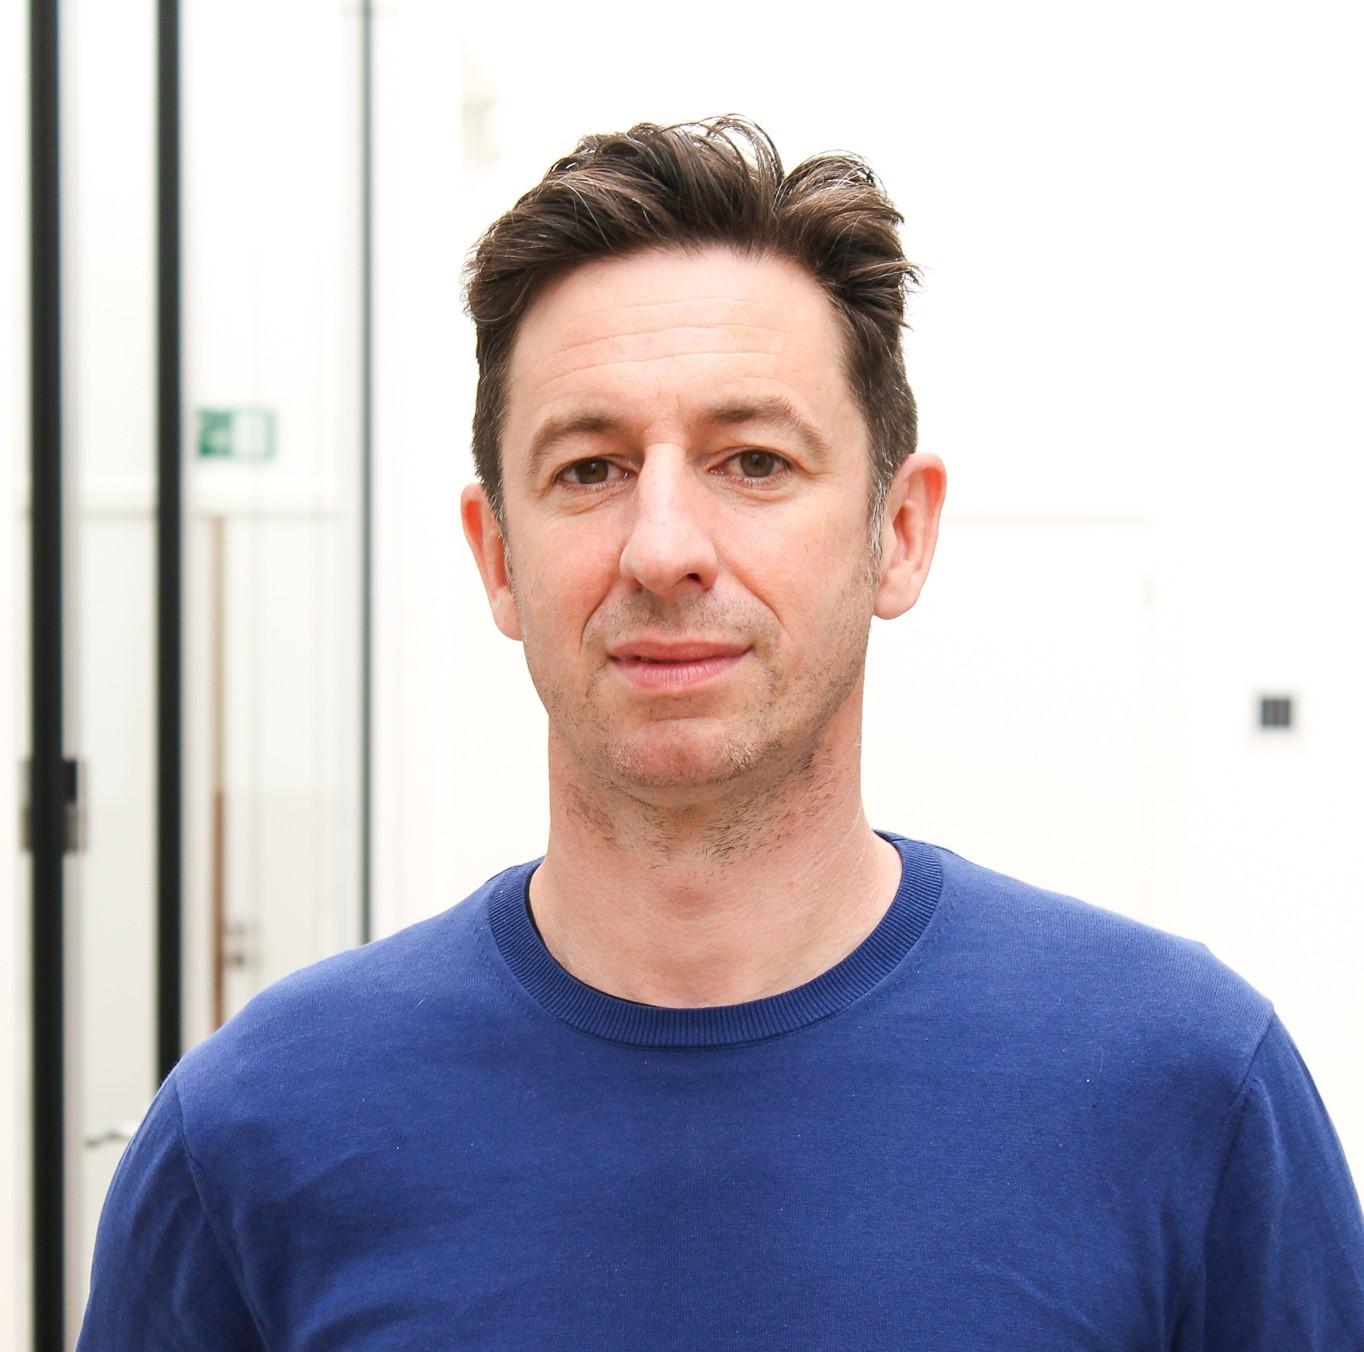 Profielfoto van Henk met donkerblauwe trui.